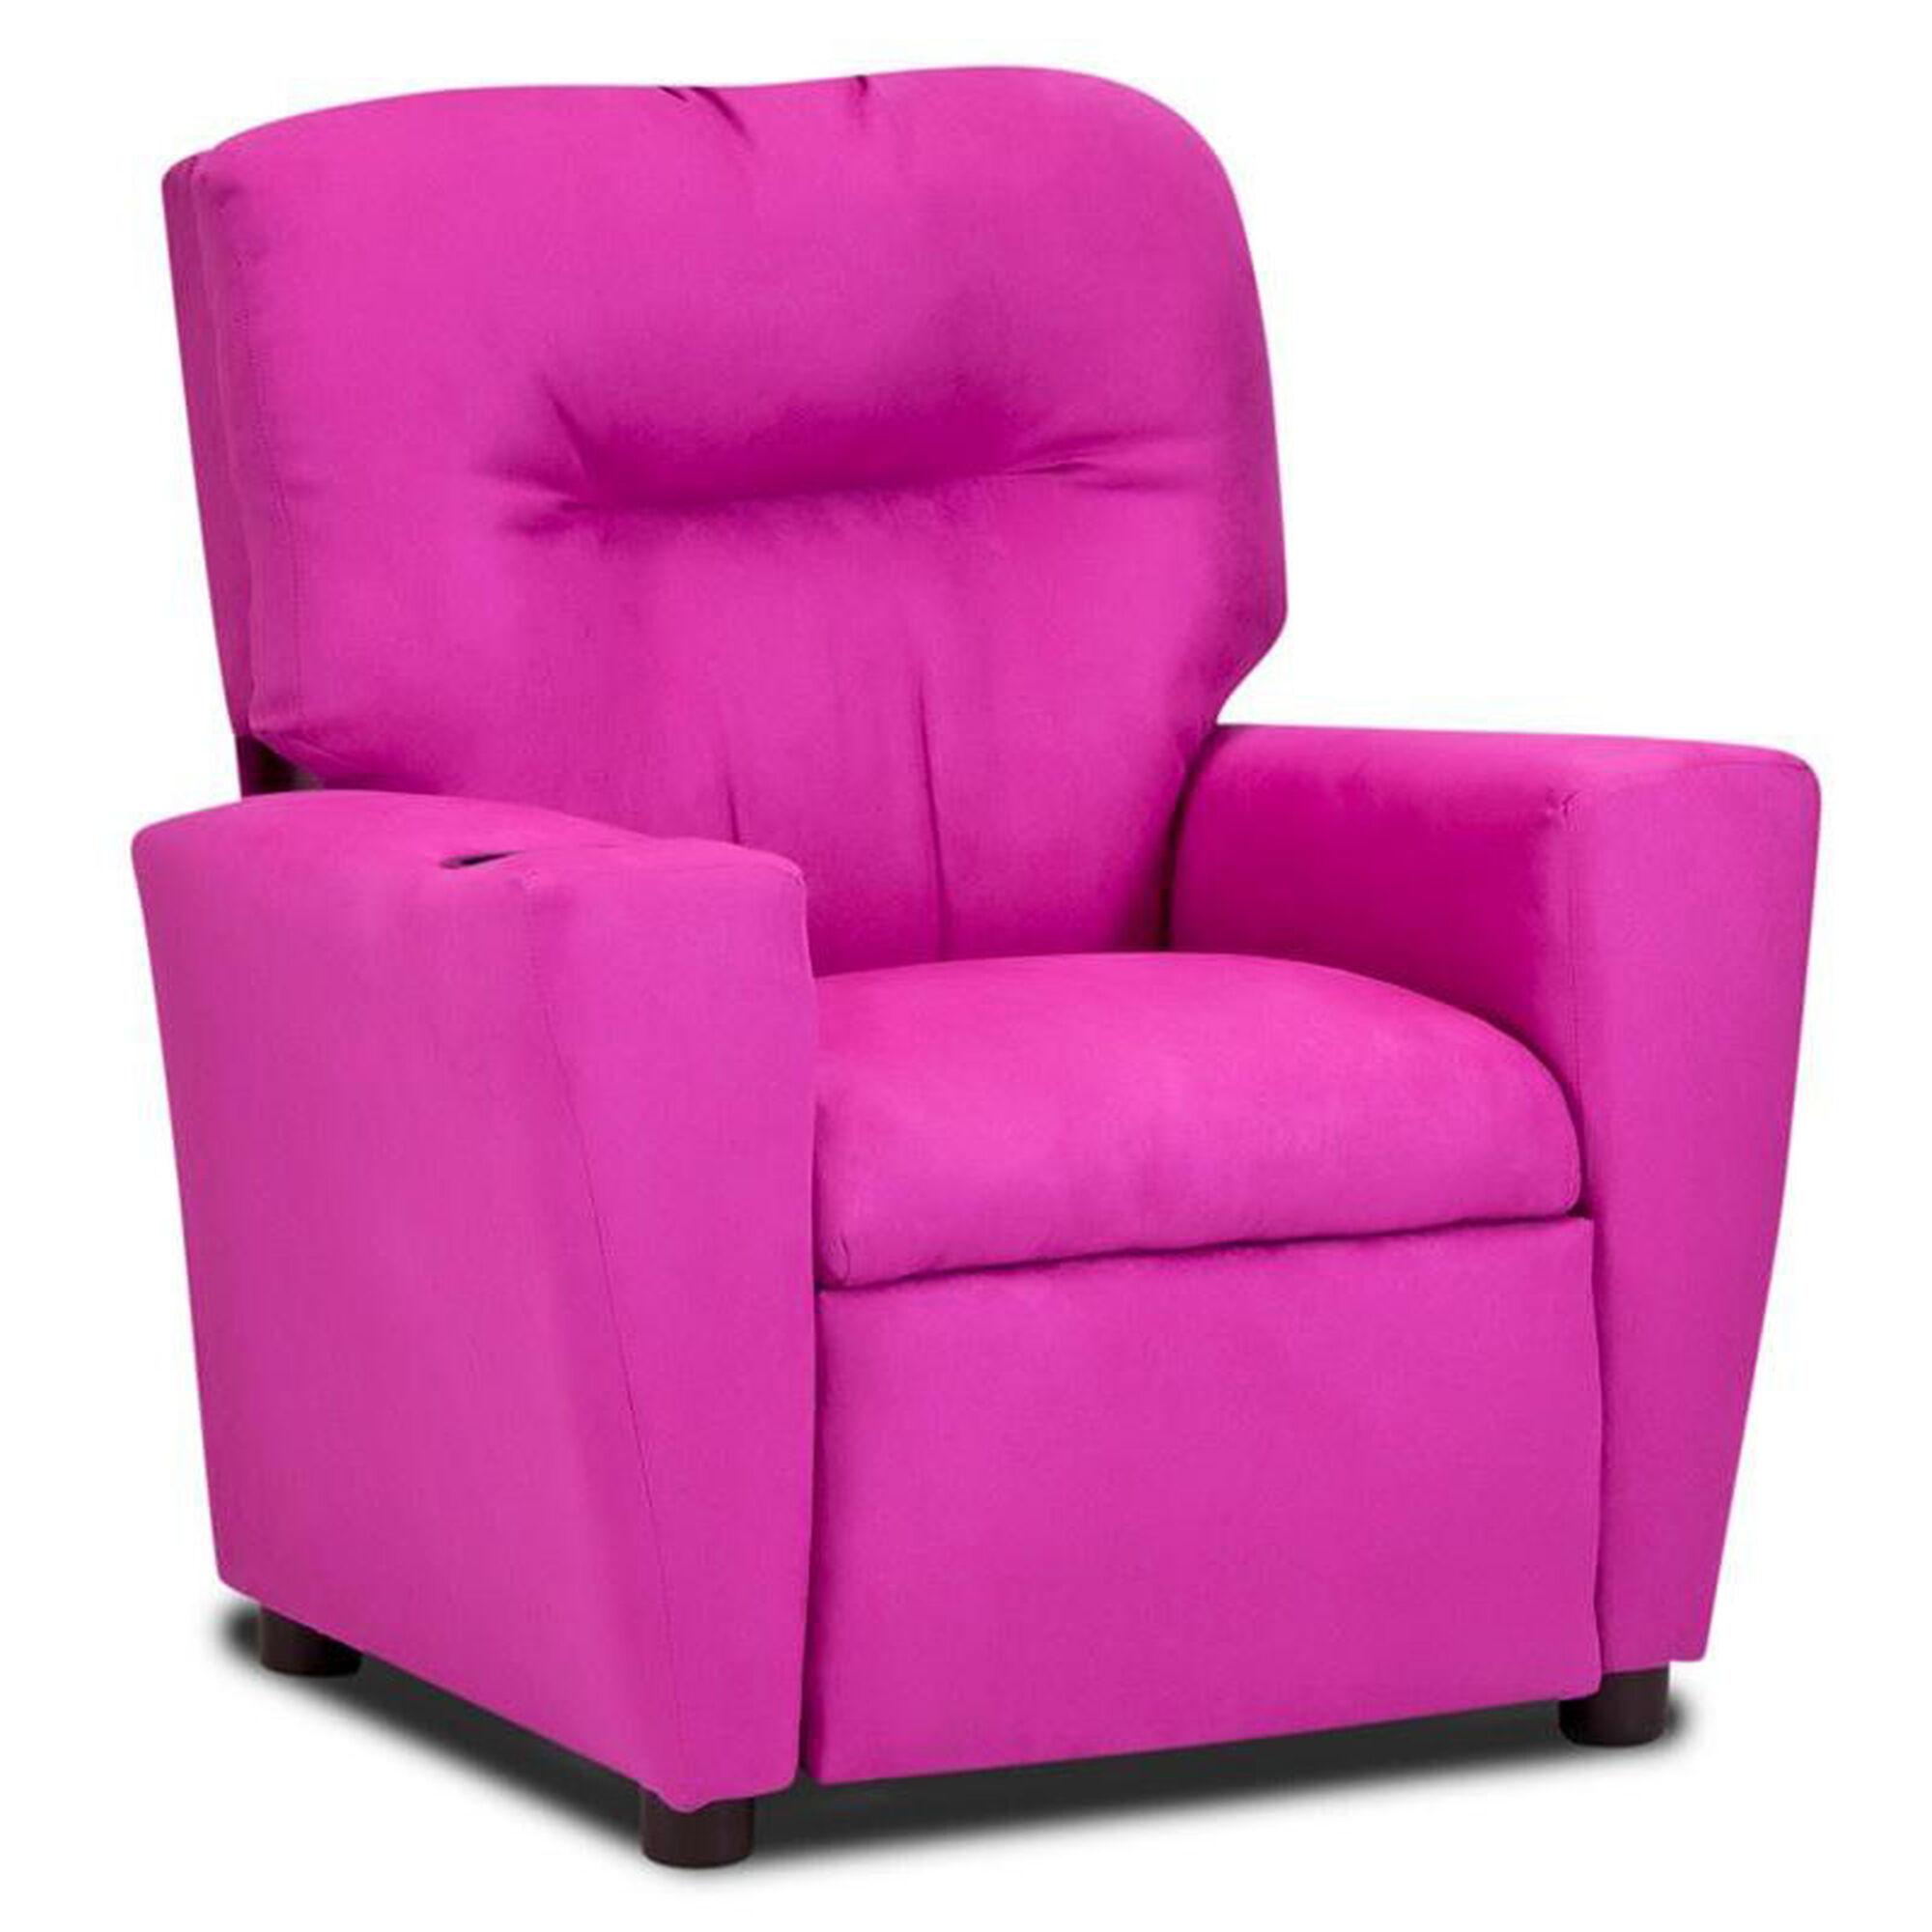 kidz world 1300 1 ps kw. Black Bedroom Furniture Sets. Home Design Ideas